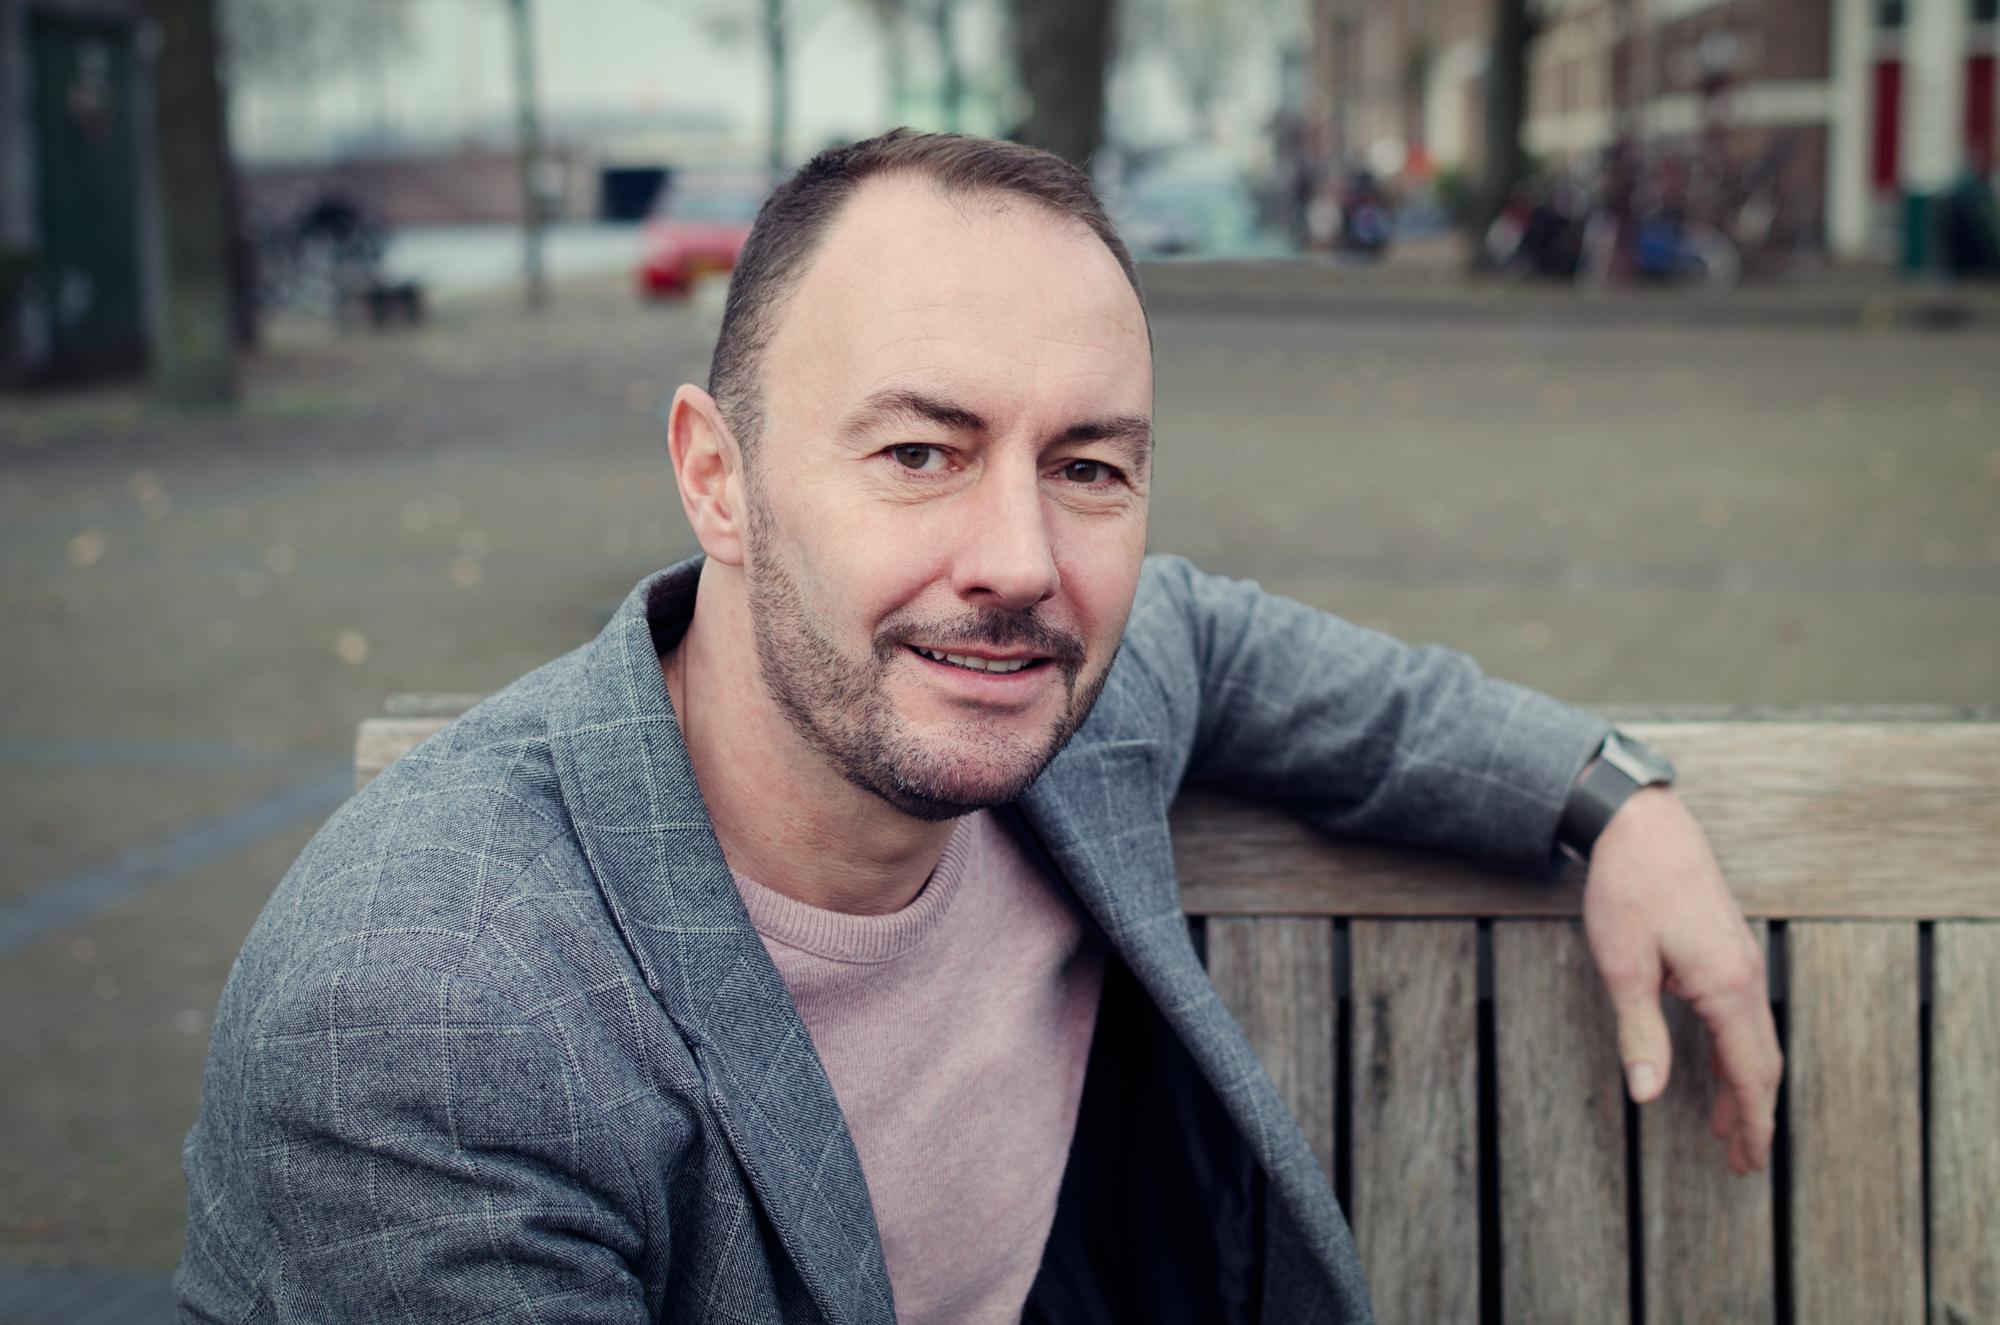 Stadsdeelpastor Martin de Jong werkt in Amsterdam Nieuw-West